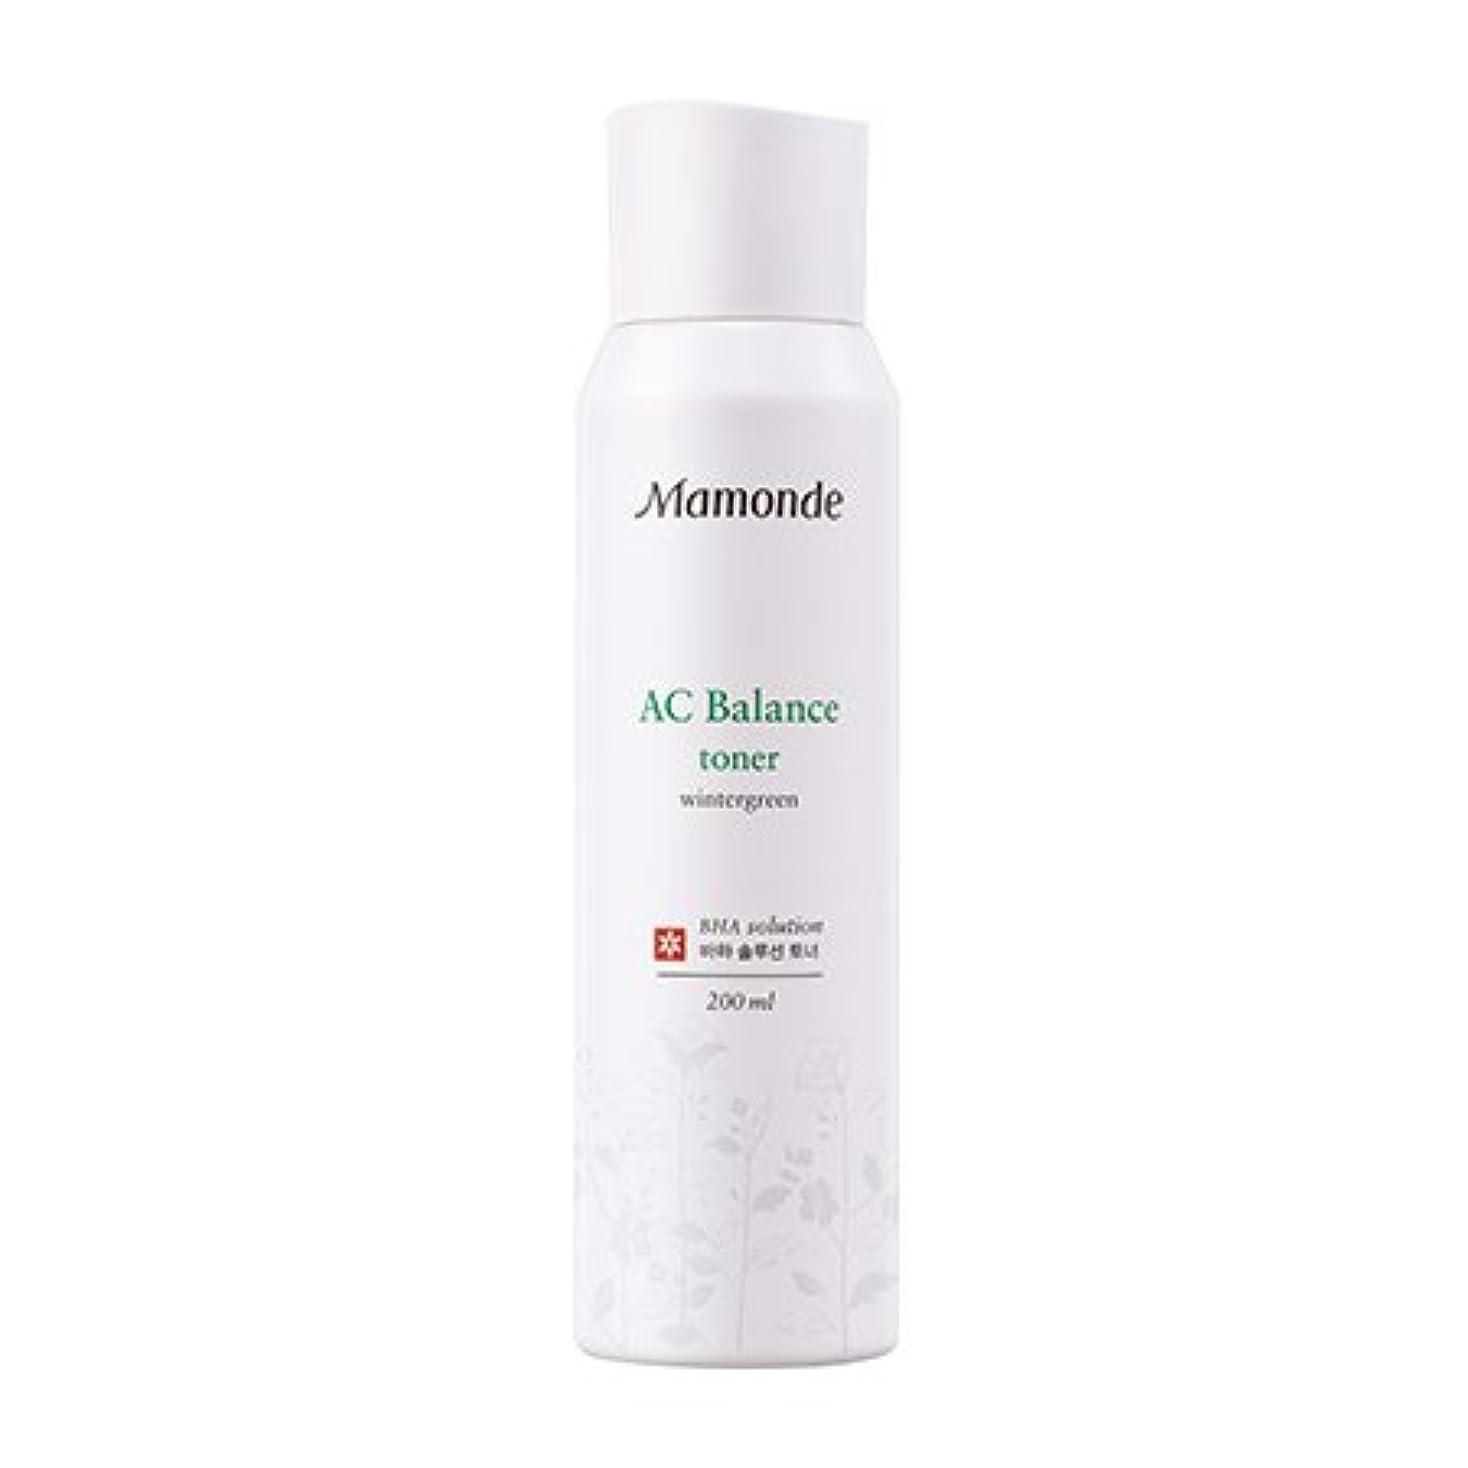 ほこりっぽい振りかけるイソギンチャク[New] Mamonde AC Balance Toner 200ml/マモンド AC バランス トナー 200ml [並行輸入品]